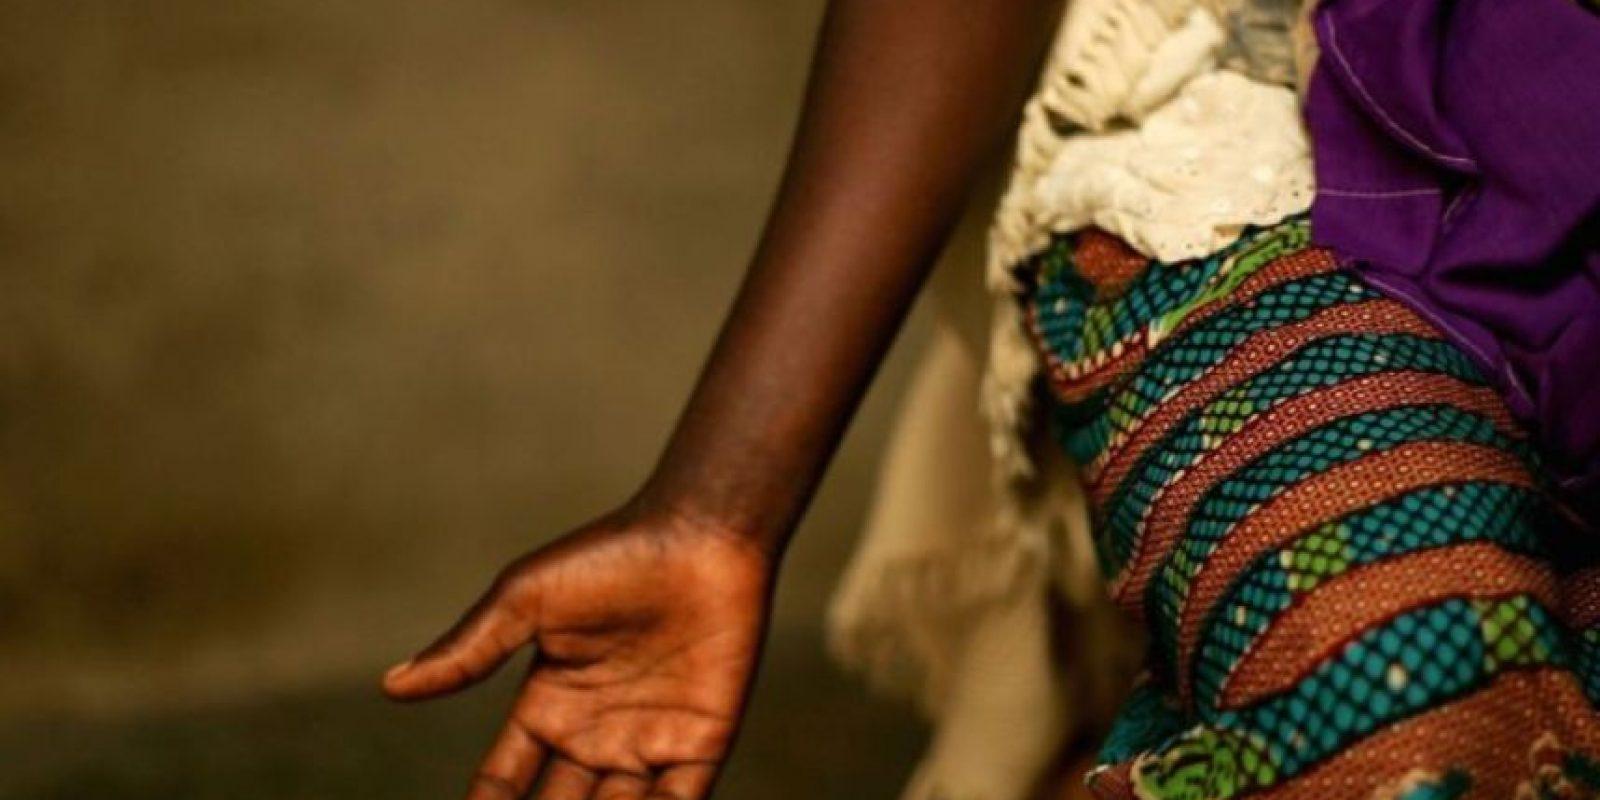 7. El 25 de noviembre se conmemora el Día Internacional de la Eliminación de la Violencia contra la Mujer. Foto:vía Getty Images